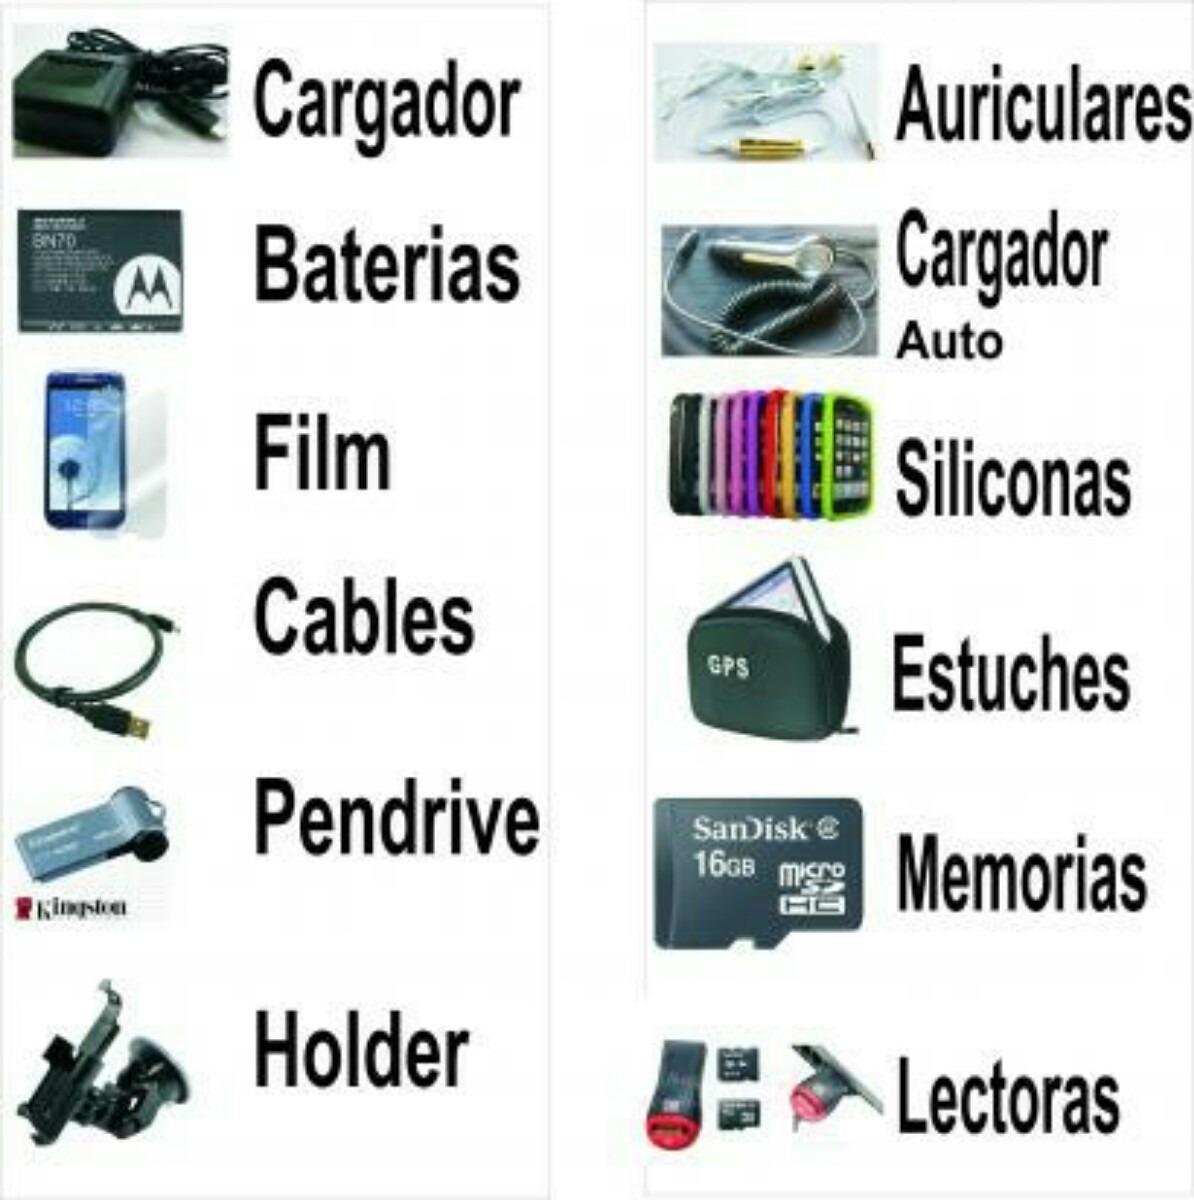 25acff10507b1 Accesorios Para Cel Y Tabl Por Mayor Y Meno Precios Bajisim -   6